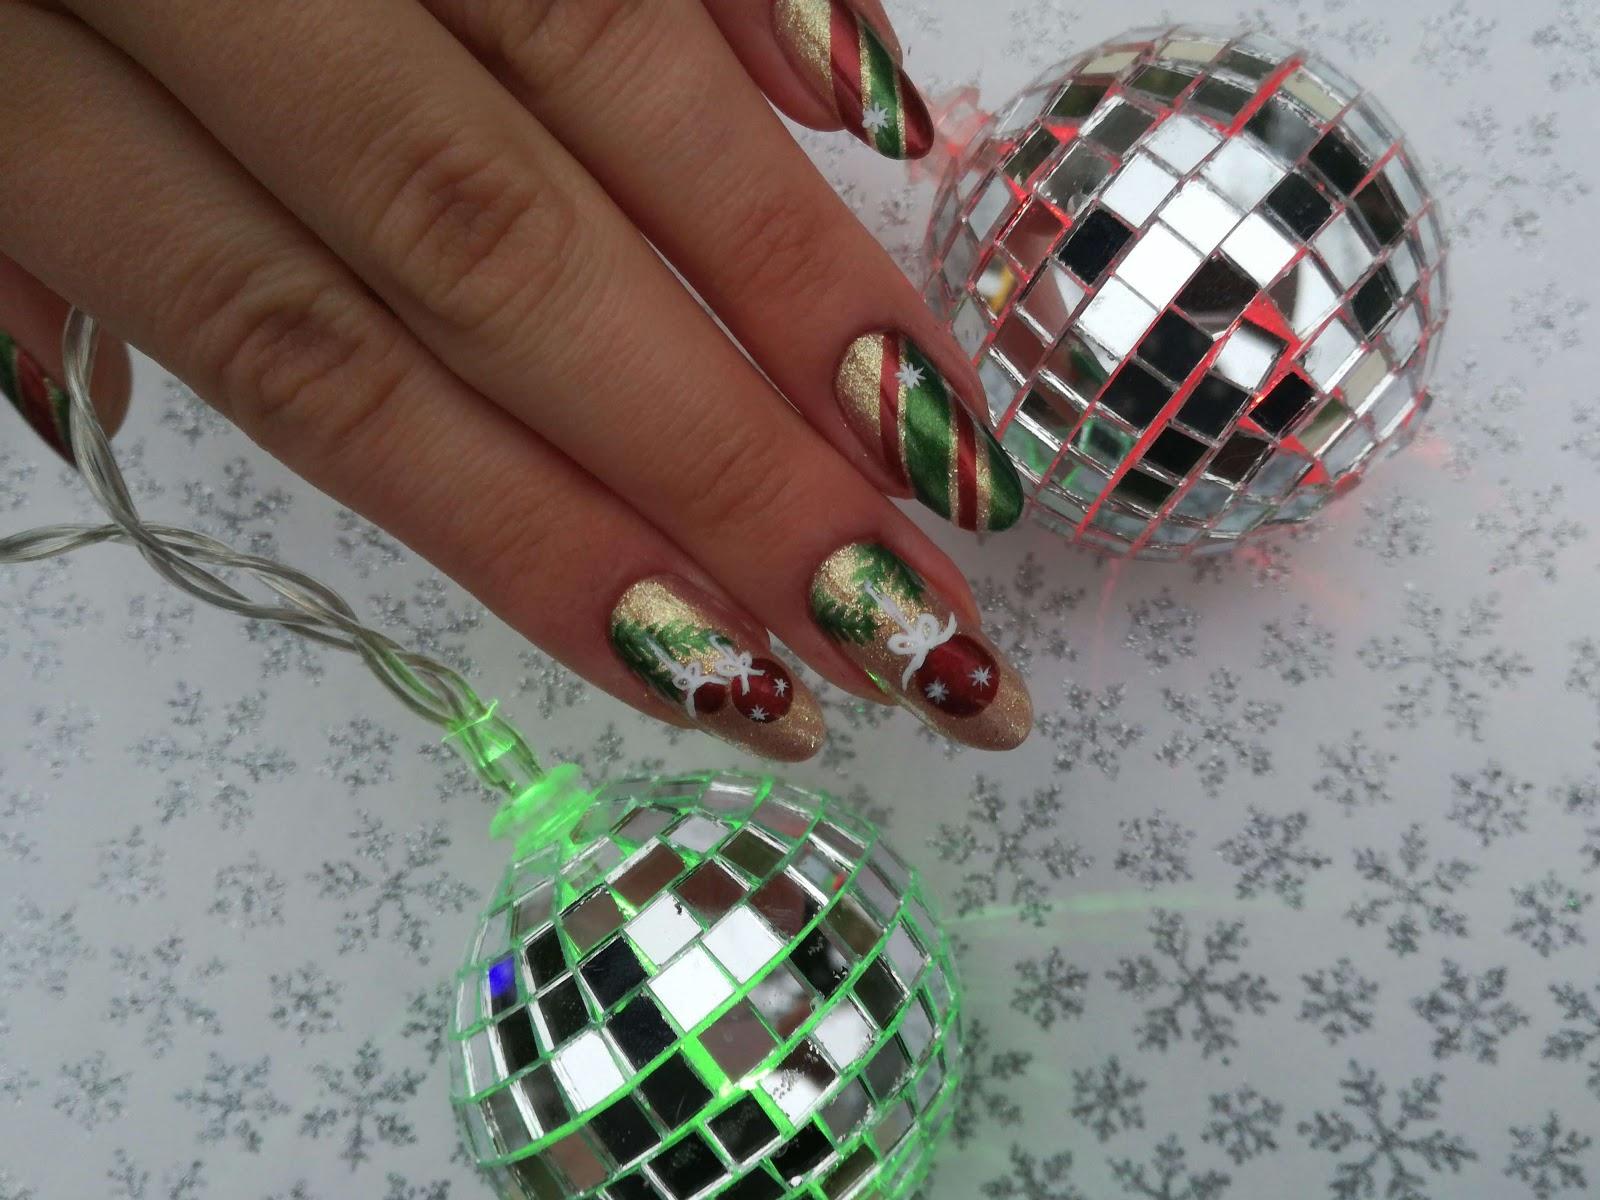 świąteczne paznokcie i lampki